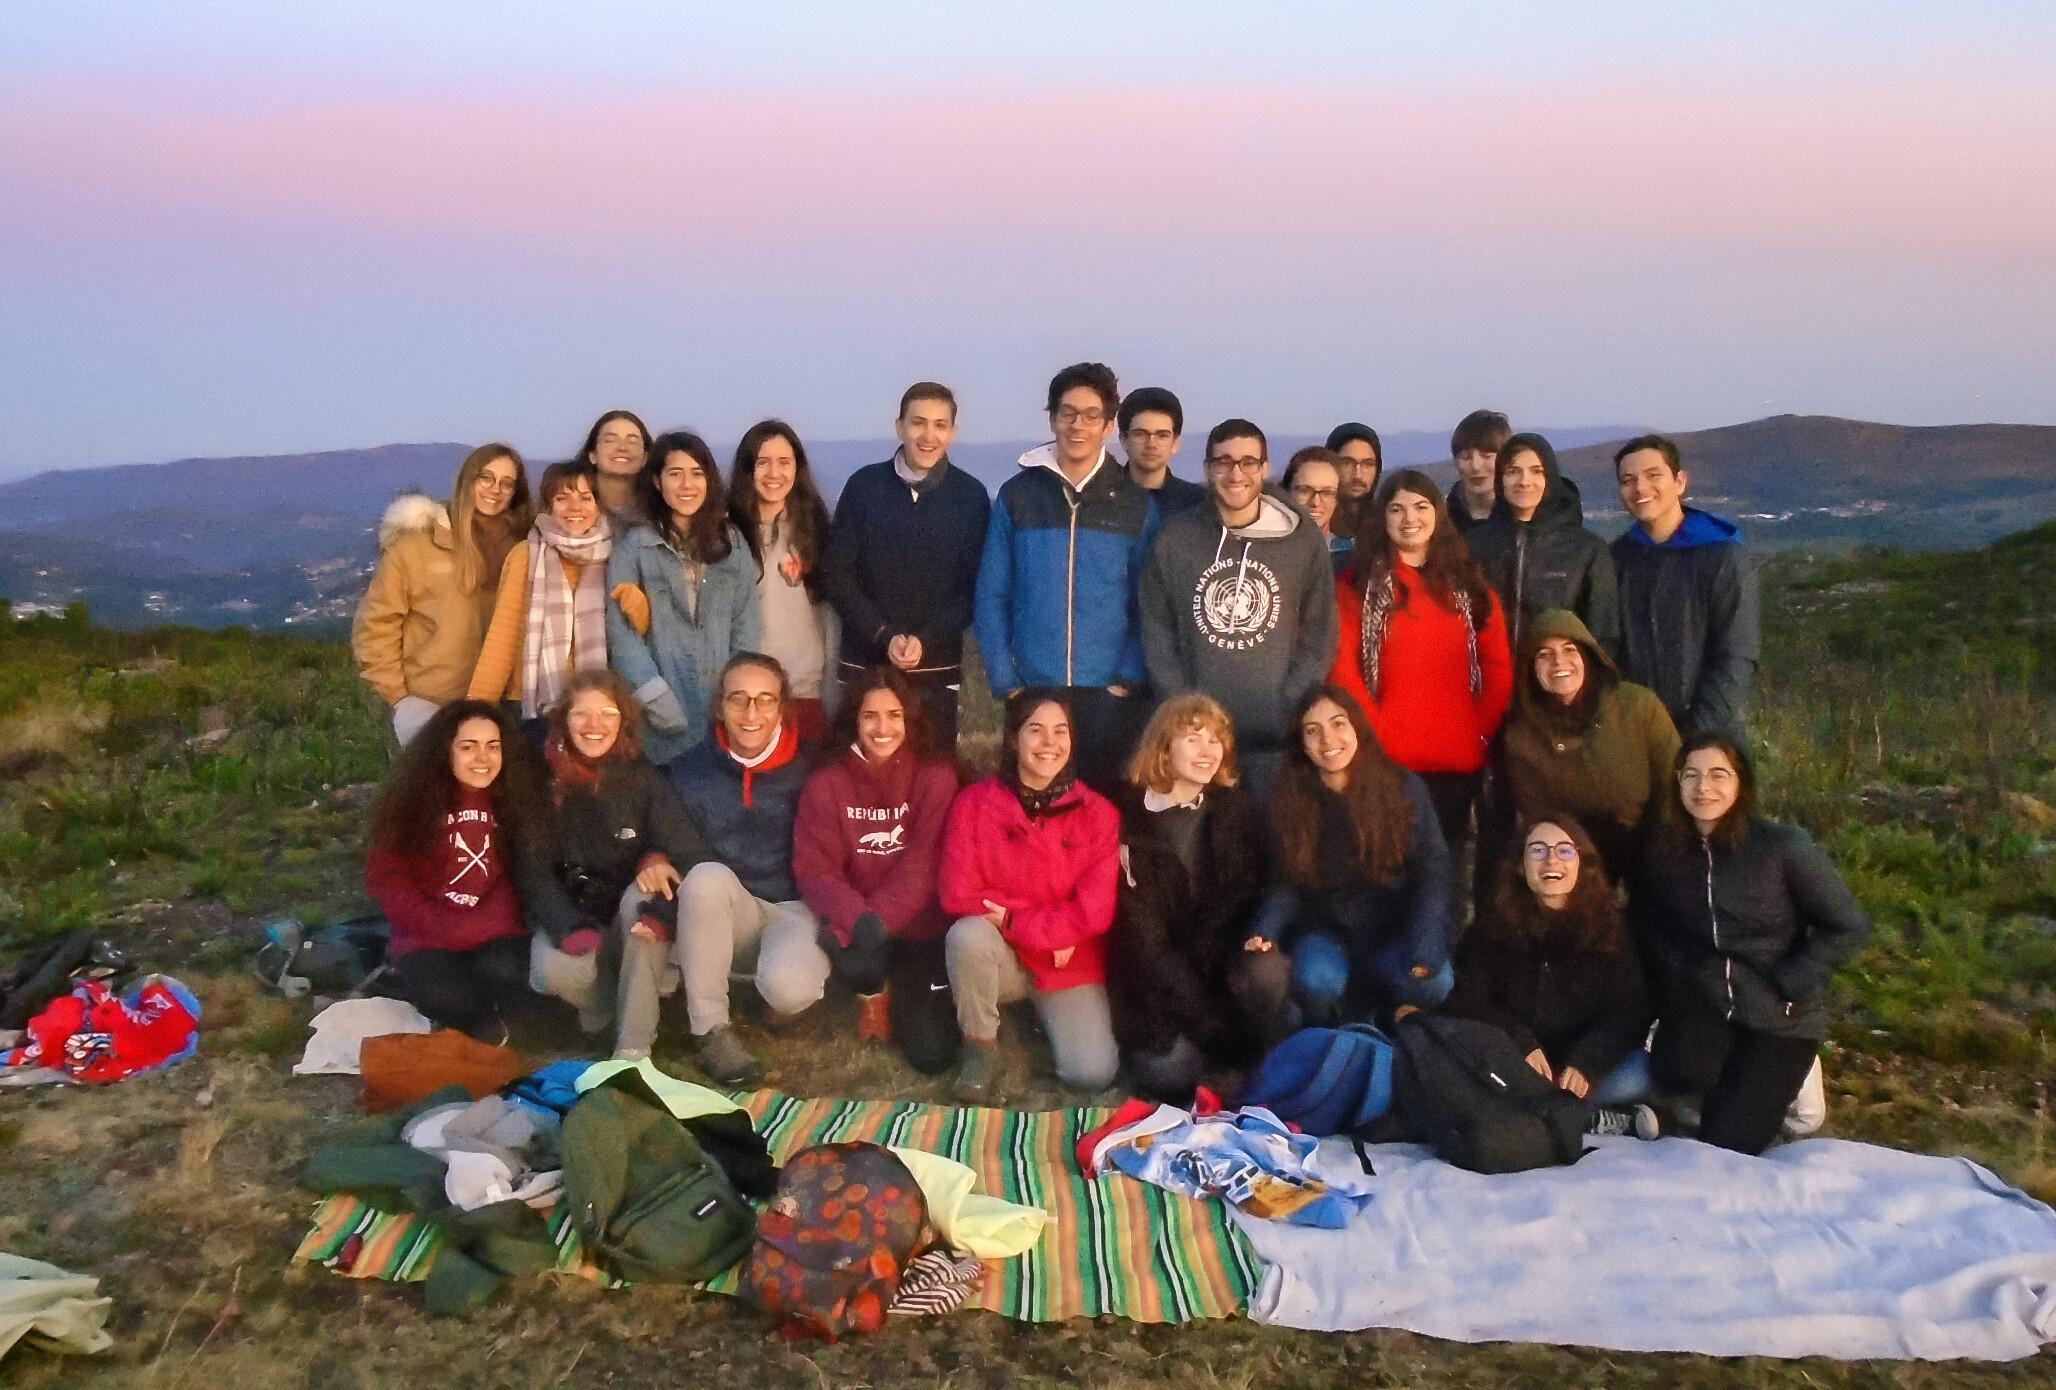 Participantes Del Campamento De Astronomía De Verano Astrocamp 2019 Eso España